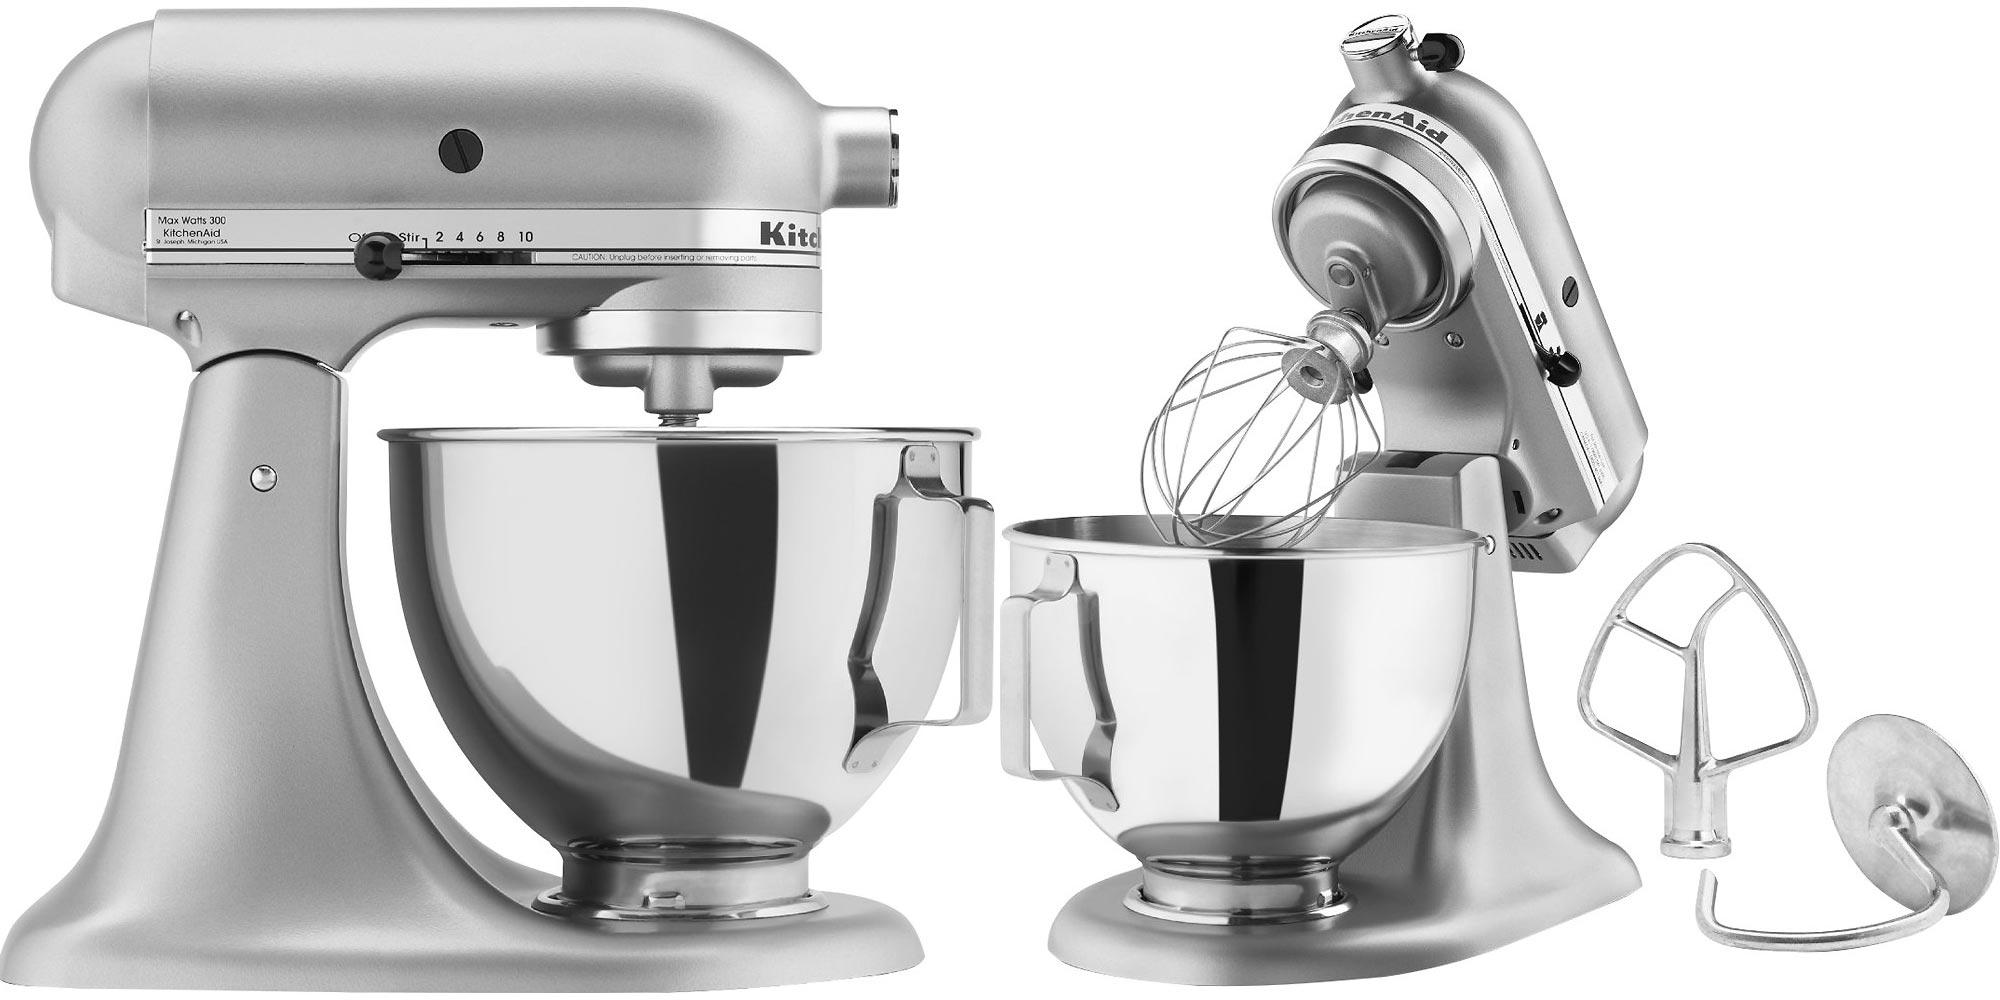 Kitchenaid 4 5 Quart Tilt Head Stand Mixer Drops To 190